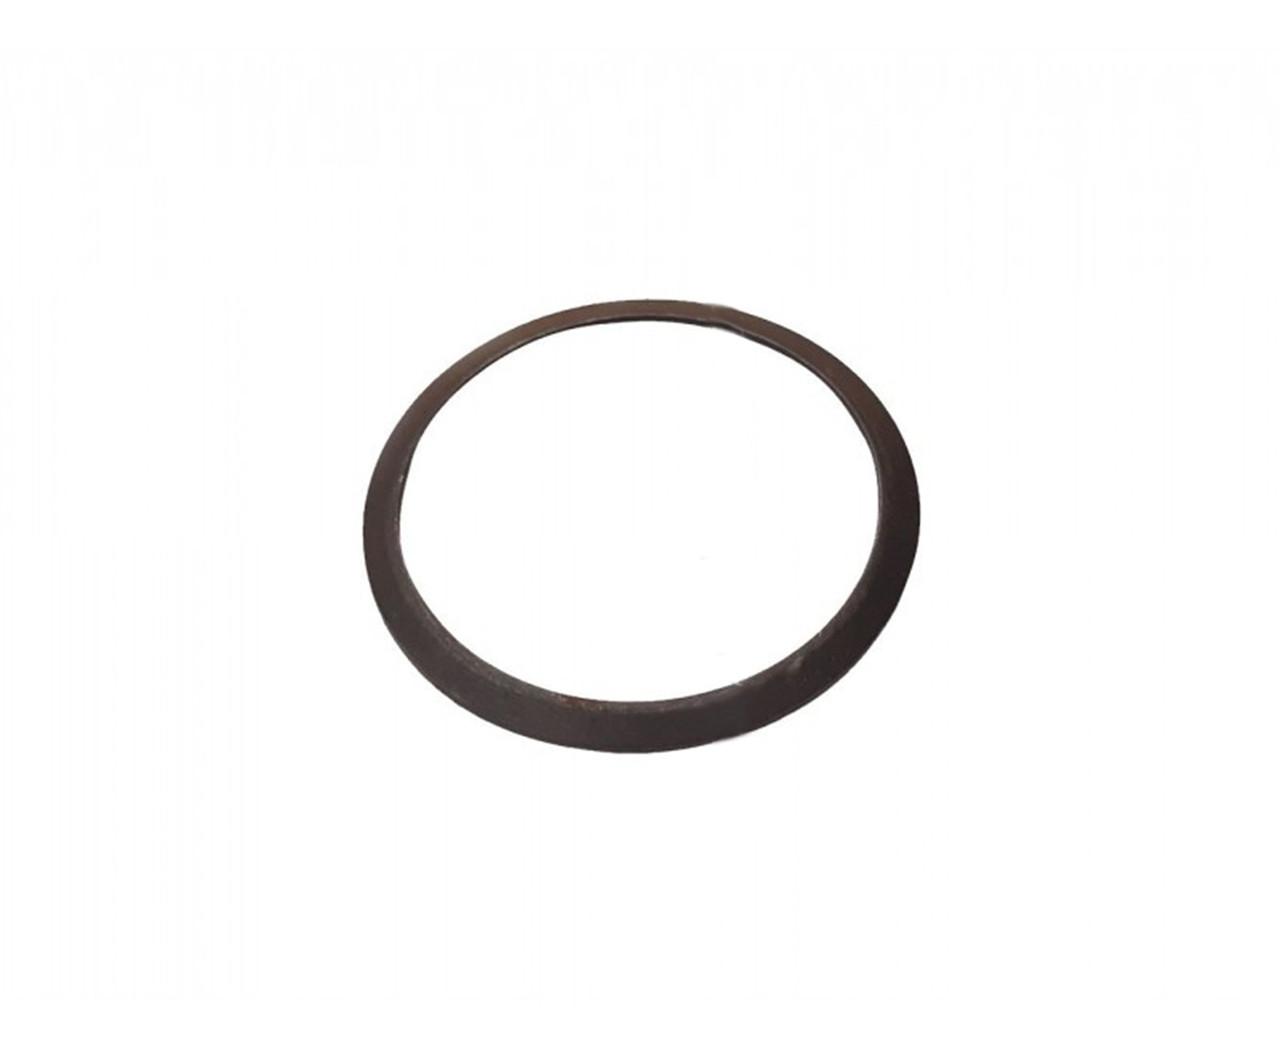 Кольцо пружинное коробки передач ИЖ-ОДА 2126, 2717